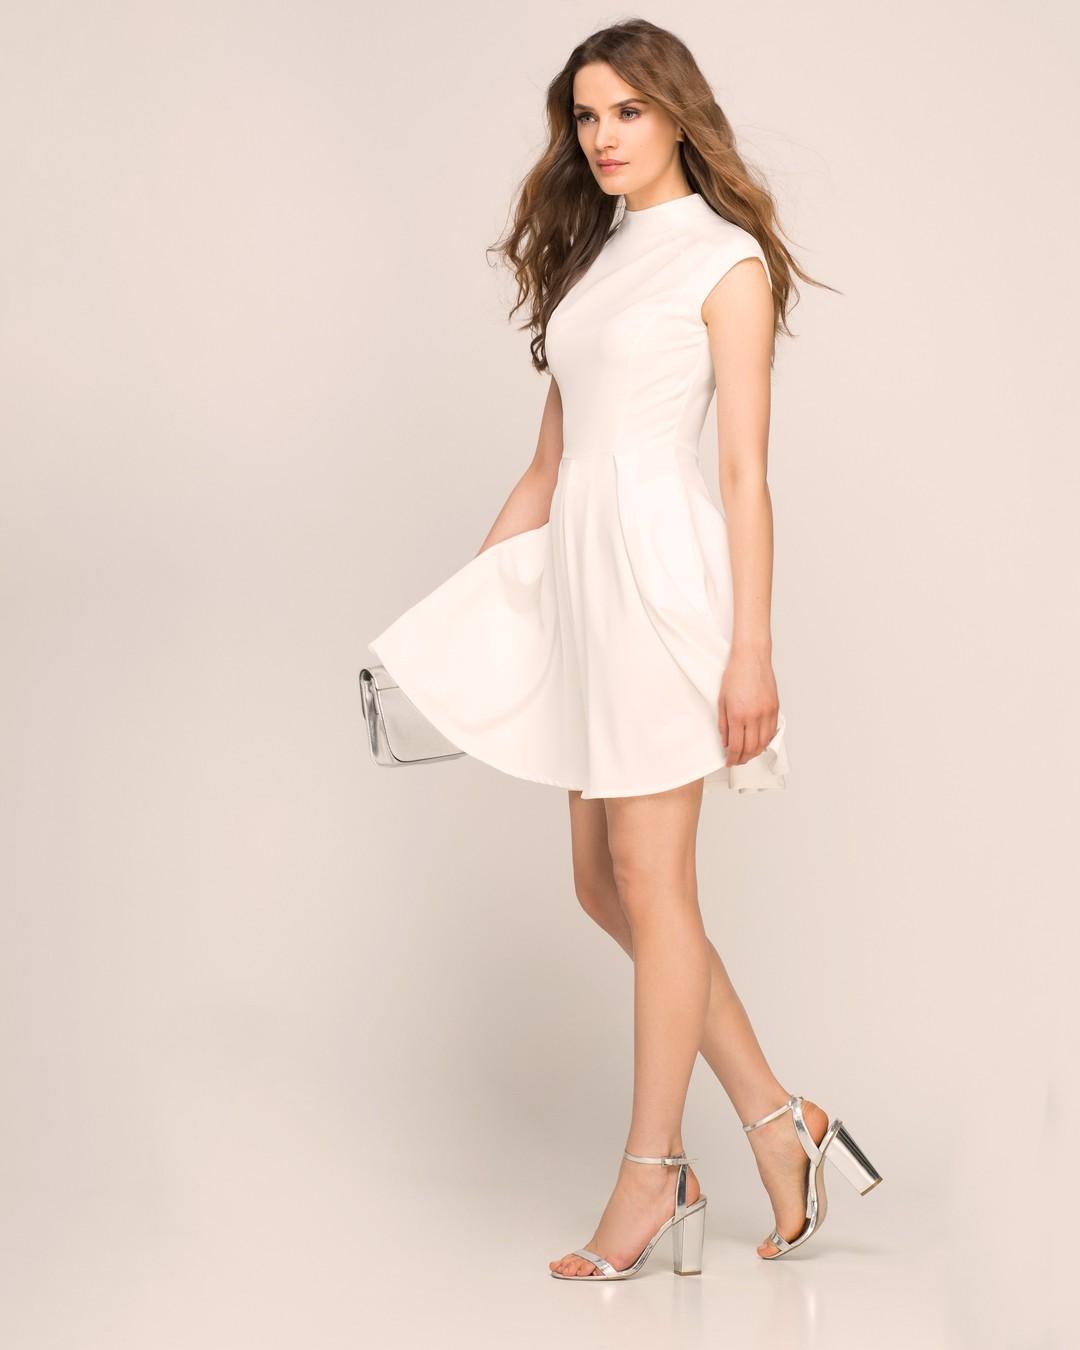 Letnie perełki znajdziesz też w naszym OUTLECIE. Na przykład ta sukienka dostępna jest teraz w rewelacyjnej cenie tylko 36,60 PLN. Ostatnie sztuki w rozmiarach 36 i 44. I jest tego dobra więcej! #outlet #promocja #wyprzedaz #wyprzedaż #koncowkikolekcji #promo #sale #summersale #sukienka #sukienkiwpromocji #białasukienka #modnapolka #sukienkanalato #taniasukienka #polskamarka #quality #fashionoutlet #tanio #minus80procent #rabat #rozkloszowana #rozkloszowanasukienka #sukienkanawesele #sukienkamini #brunetka #szpilki #nalato #summer2021fashion #trendylook #instastyle